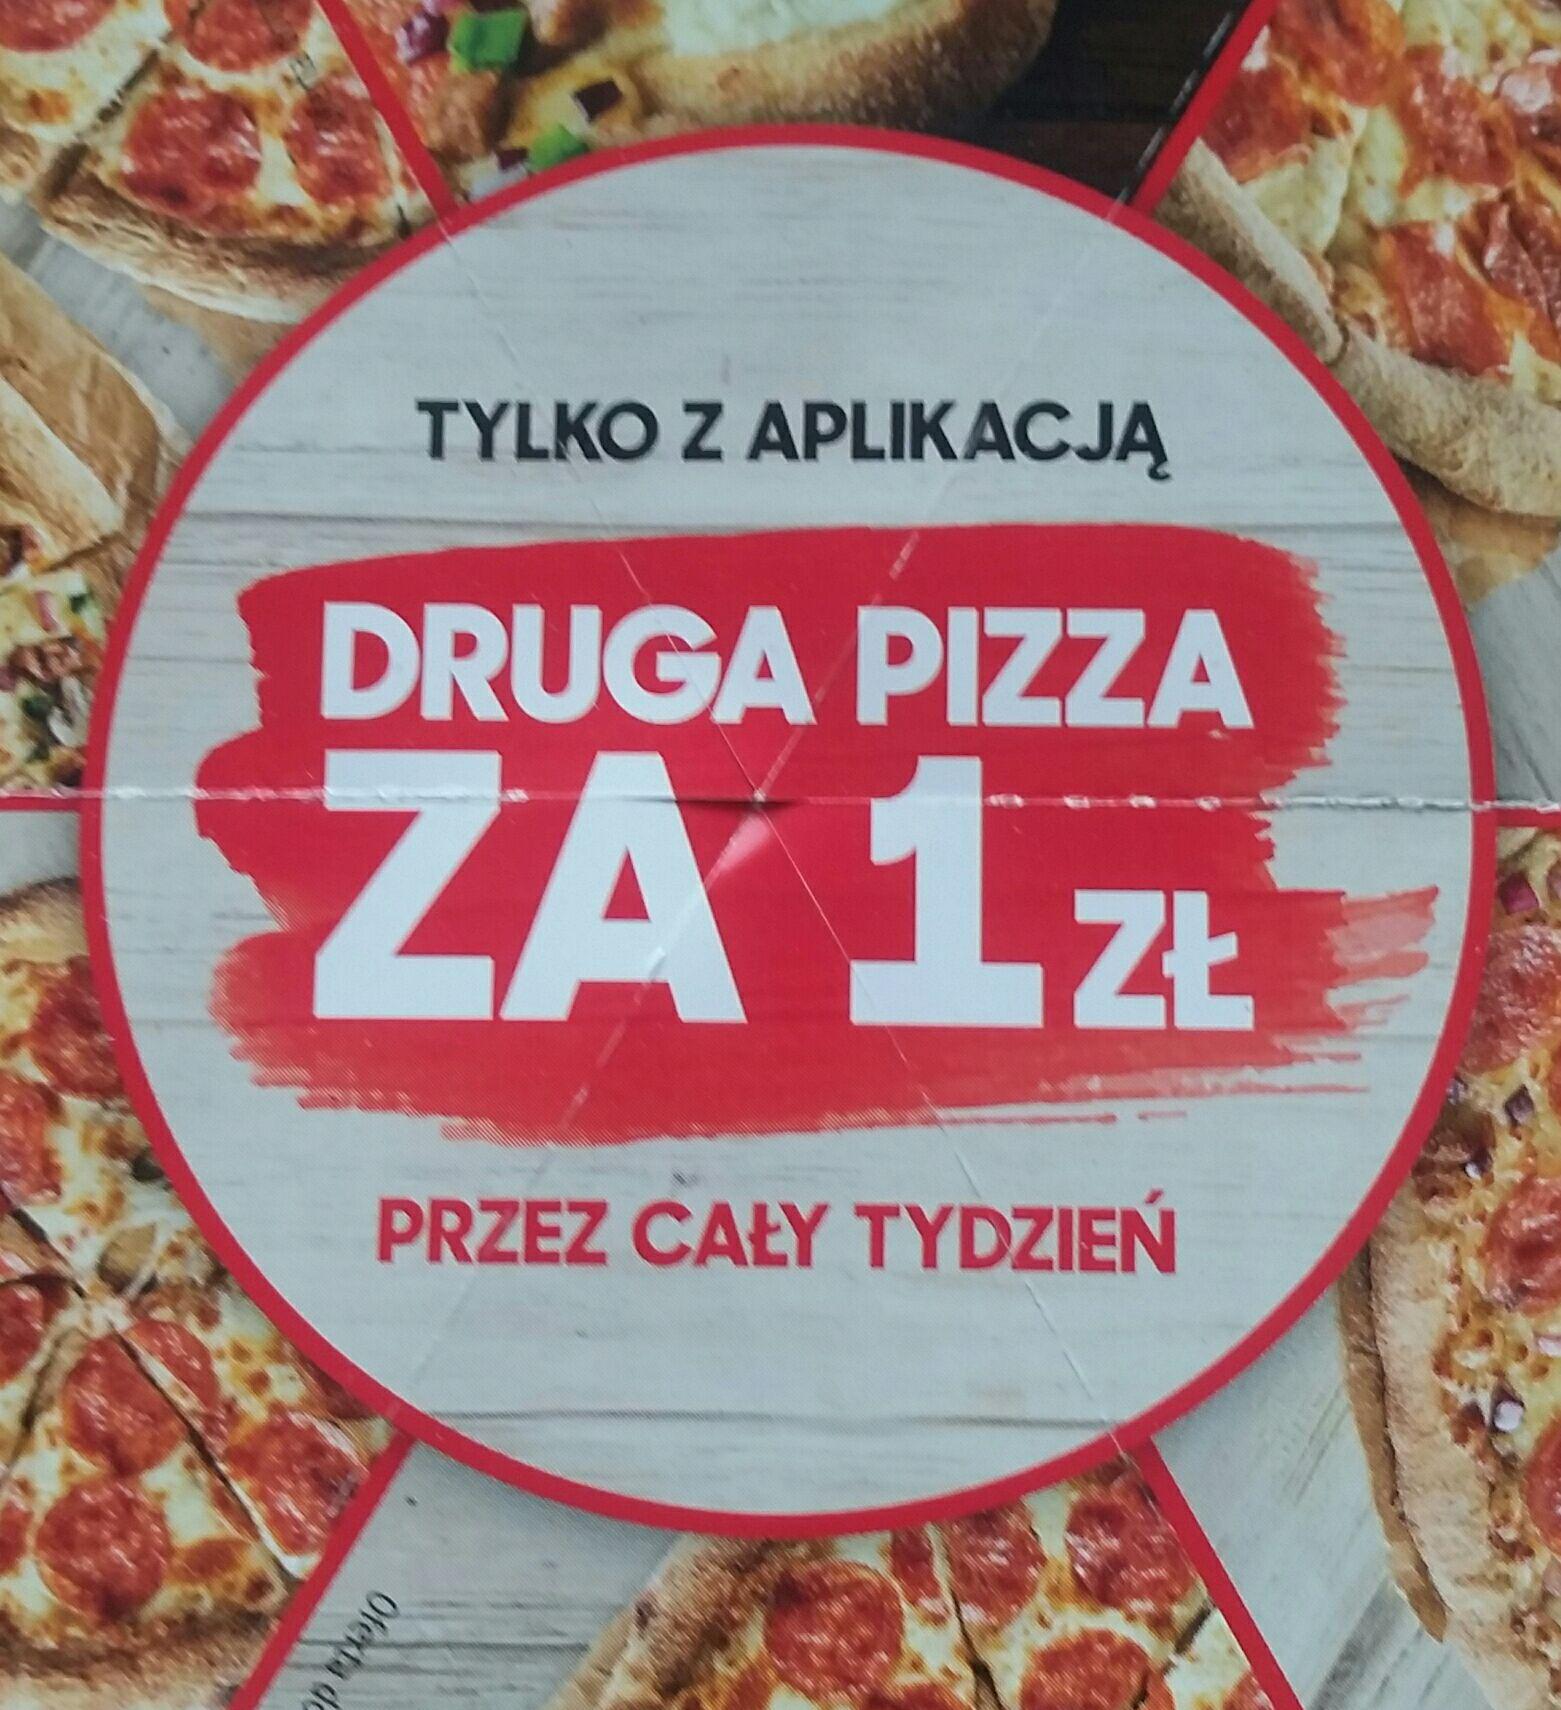 Druga pizza za 1 zł Pizza Hut tylko z aplikacją